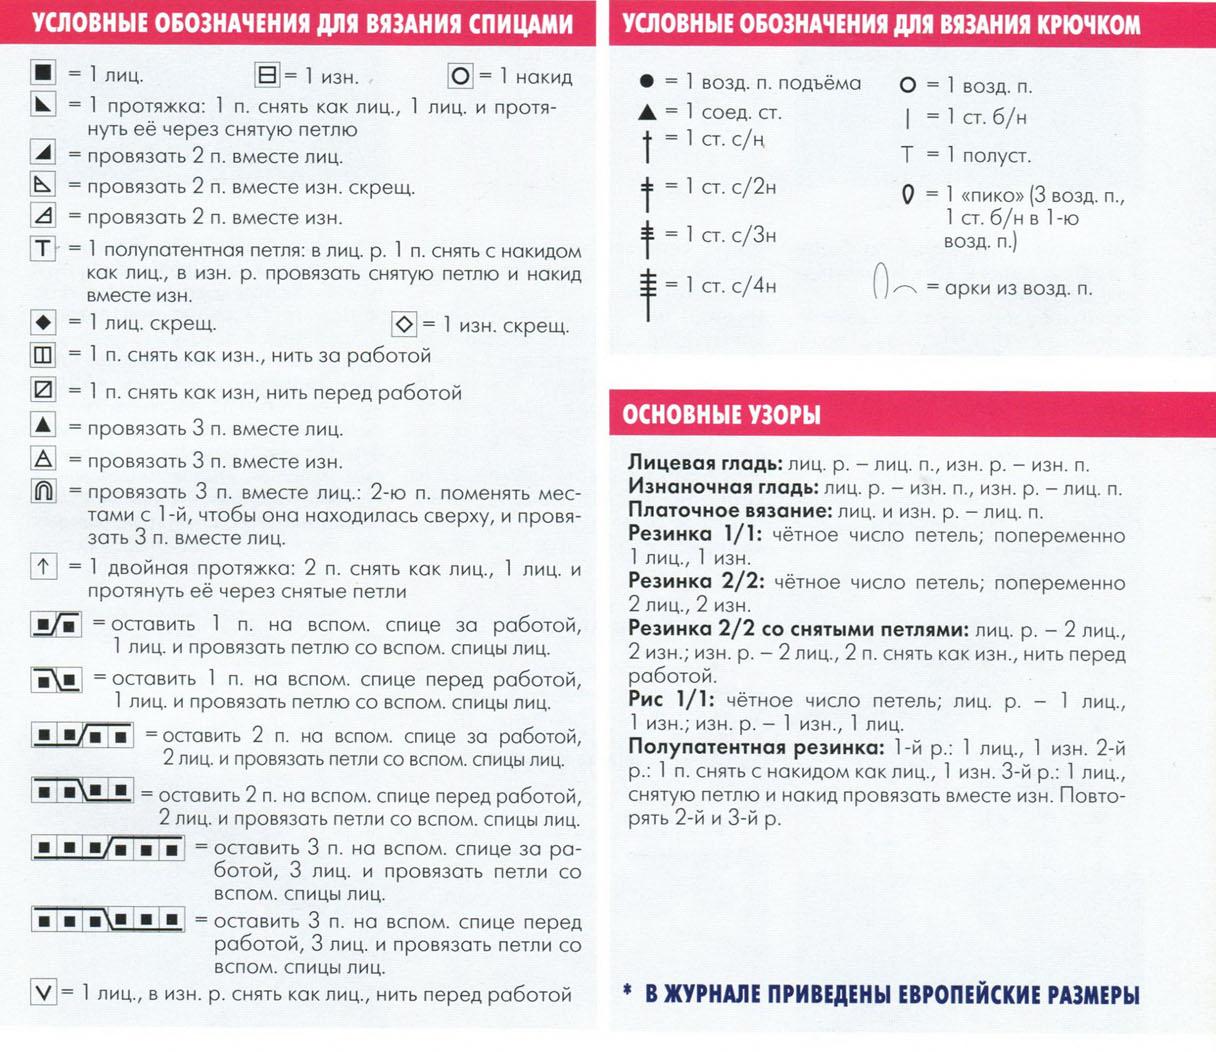 Немецкие обозначения вязания спицами и общие термины вязания на немецком 87